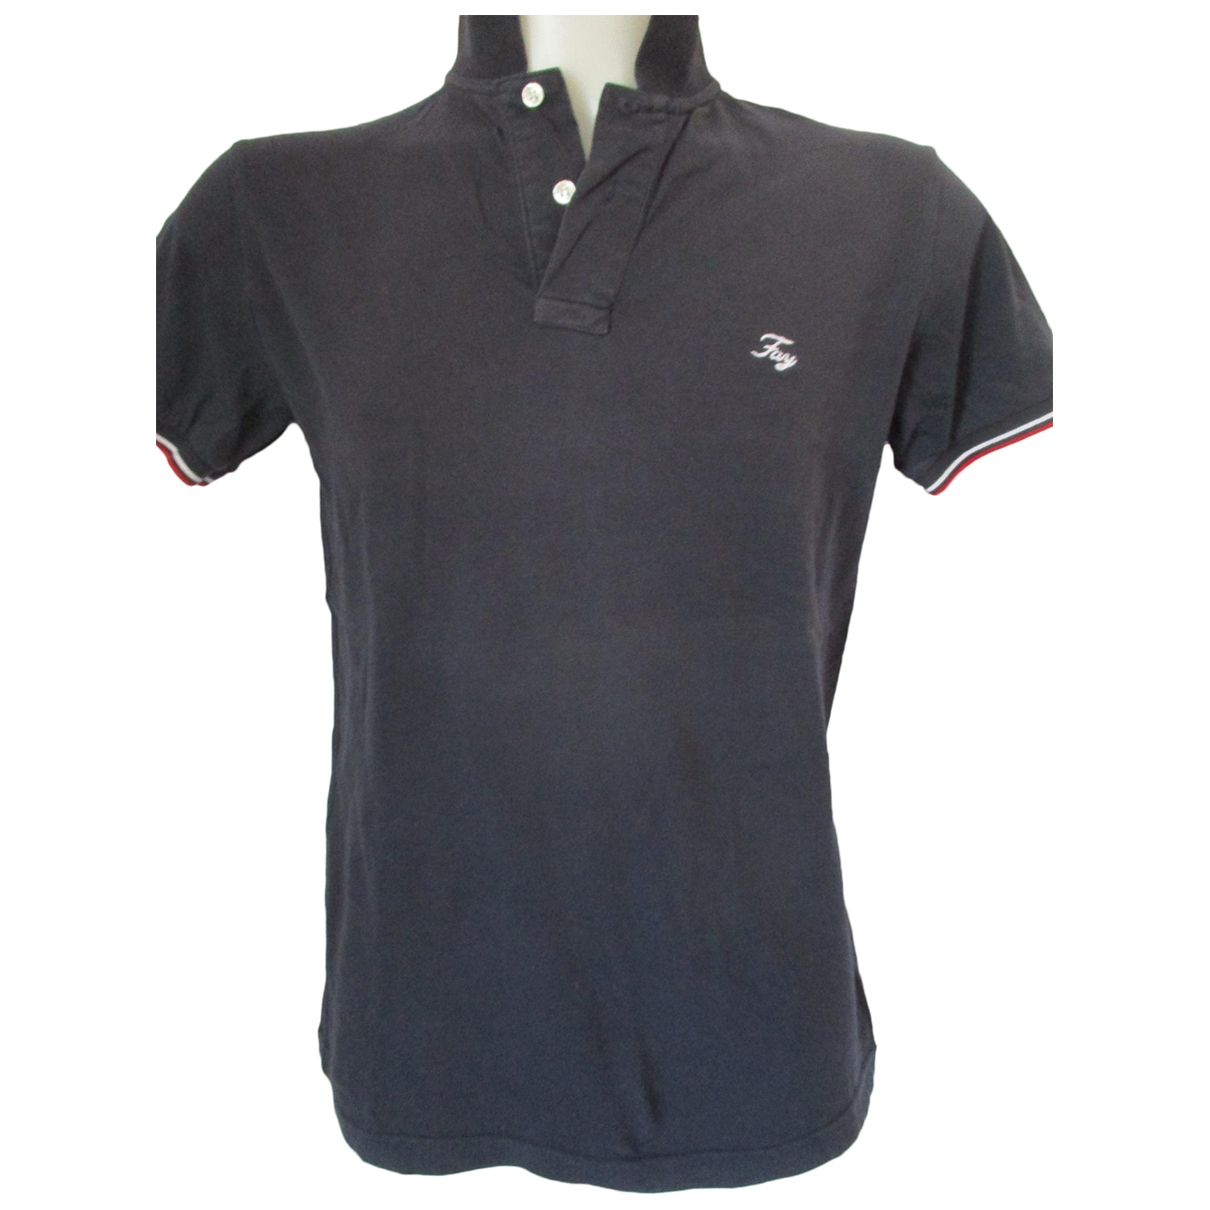 Fay - Tee shirts   pour homme en coton - bleu